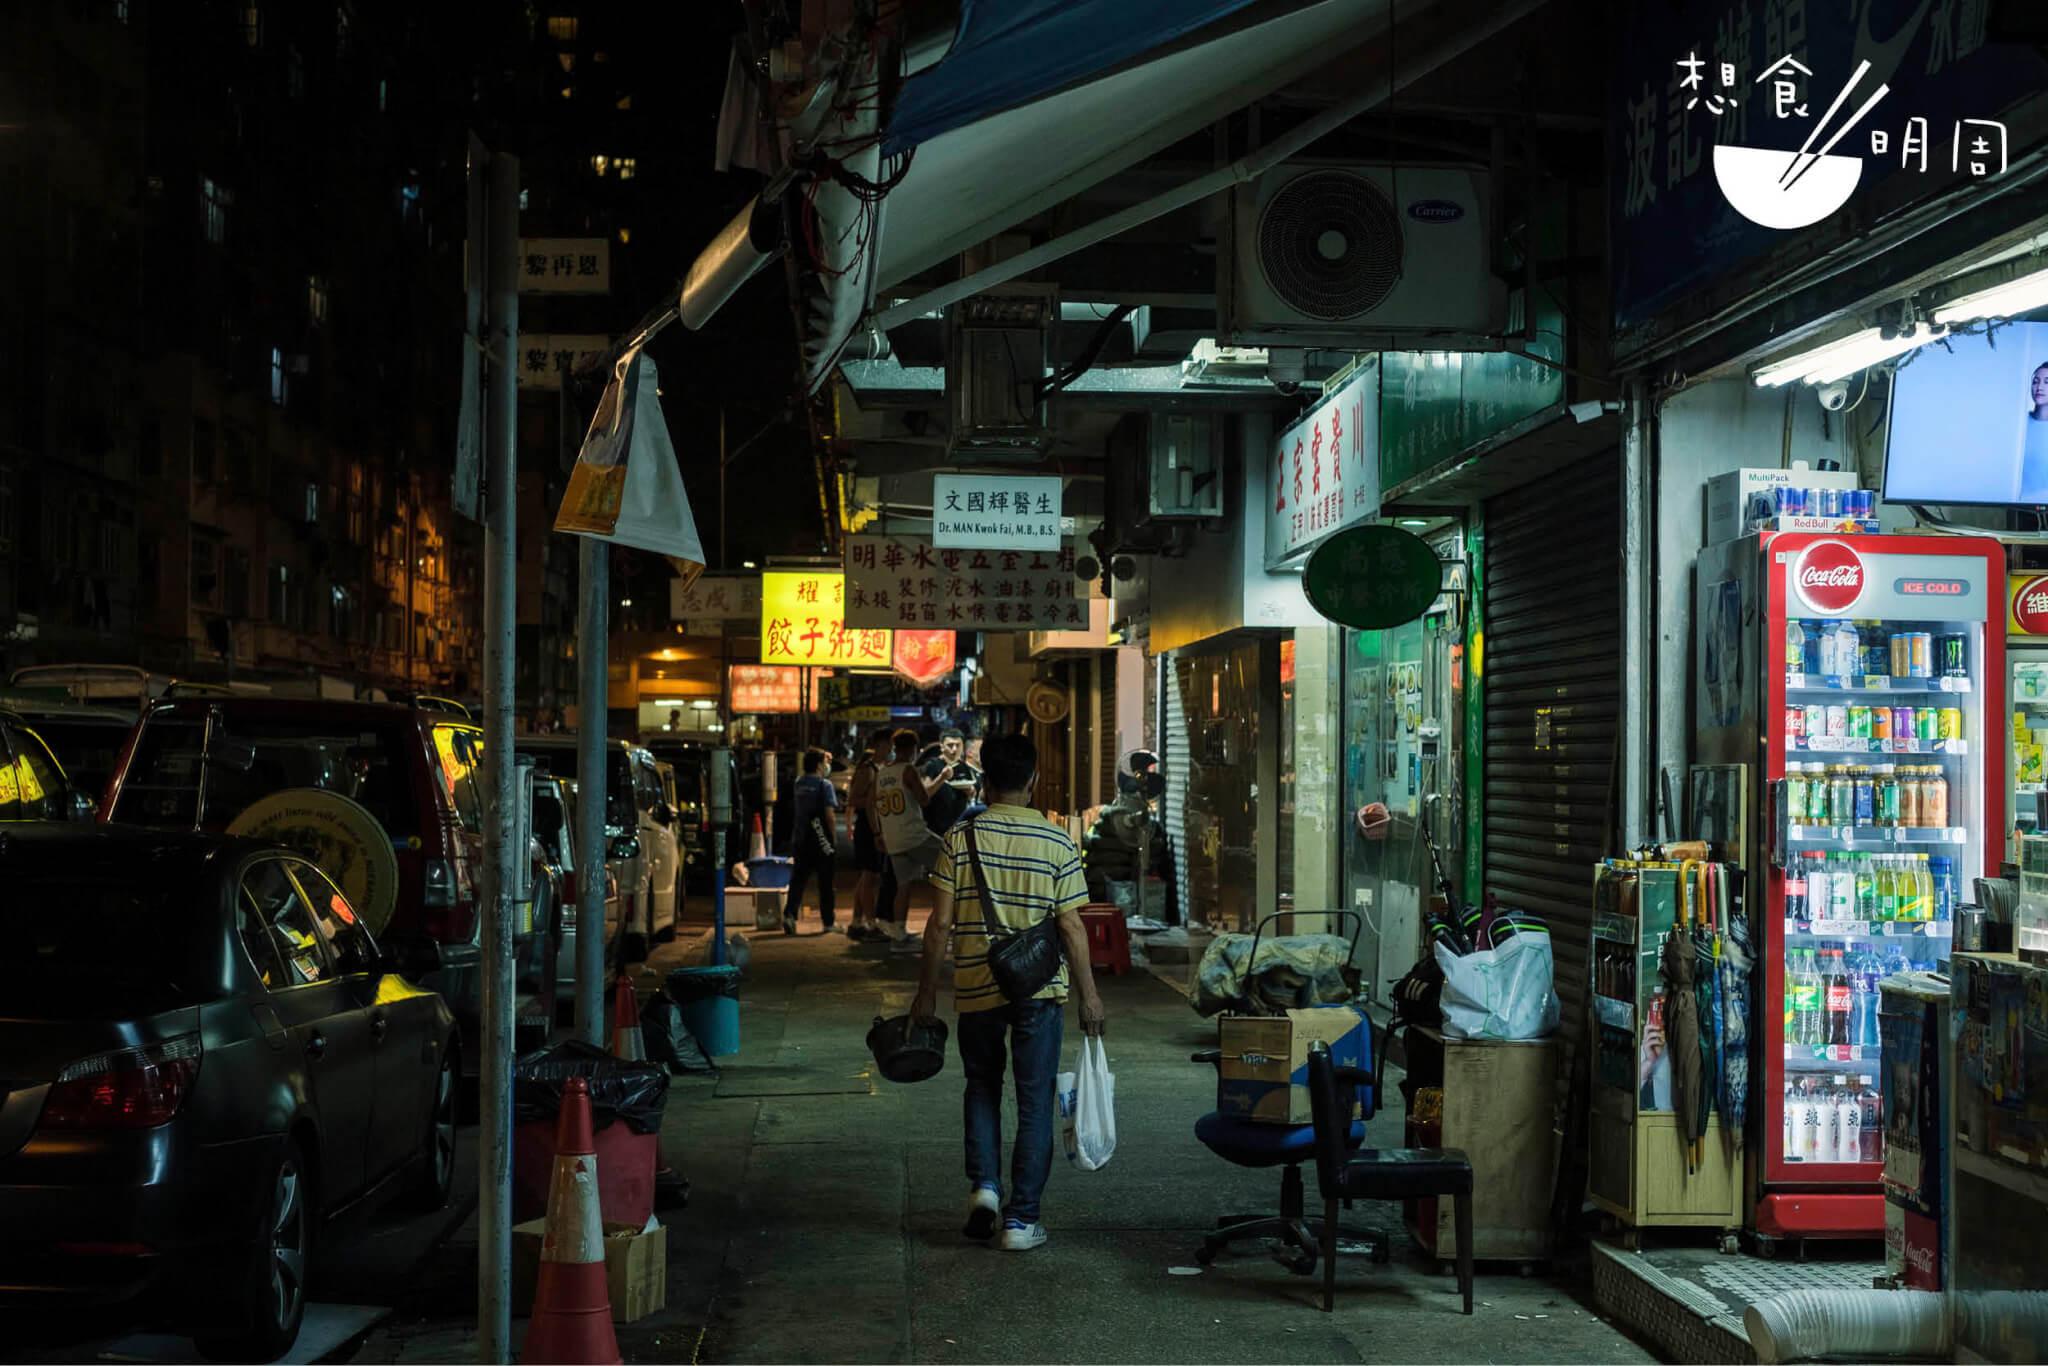 深宵中總有夜歸人,專程來買一碗宵夜,或是粉麵或是小食。然後靜靜地、慢慢地,走幾個路口,回家去享用。